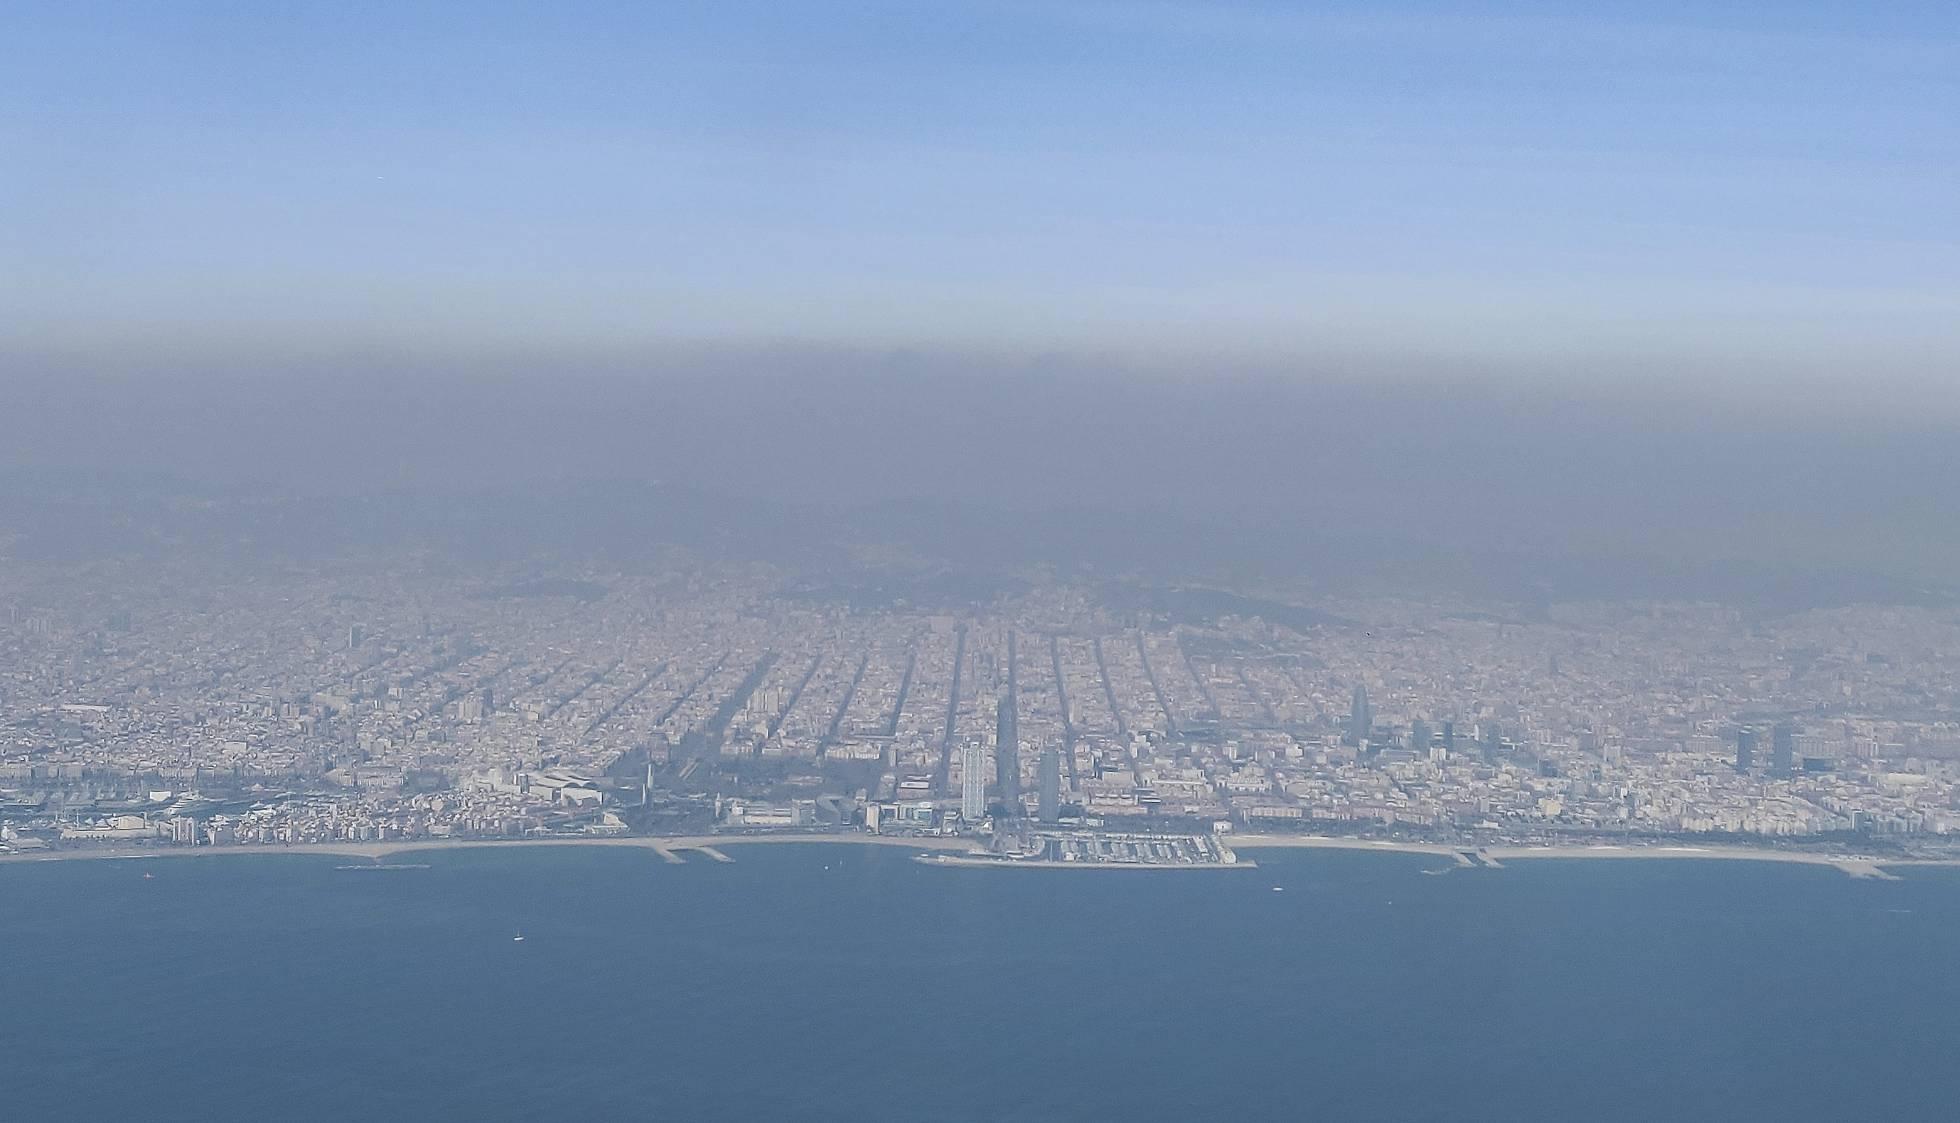 Nube de polución sobre la ciudad de Barcelona en una imagen tomada desde un avión. Imagen: El País.